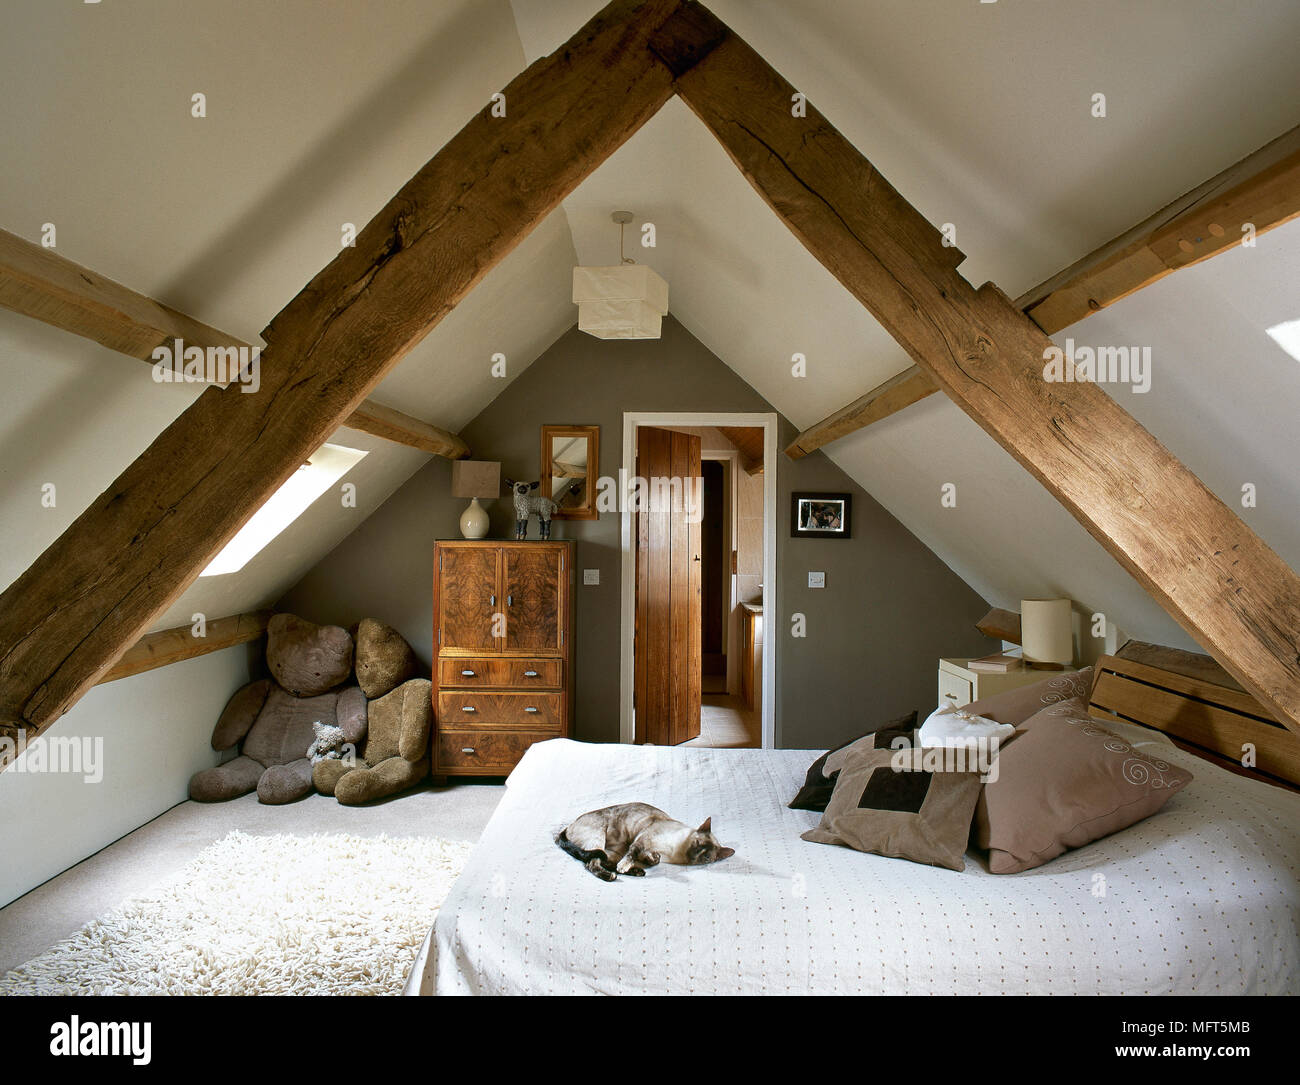 Schlafzimmer im Dachgeschoss mit sichtbaren Deckenbalken Stockfoto ...